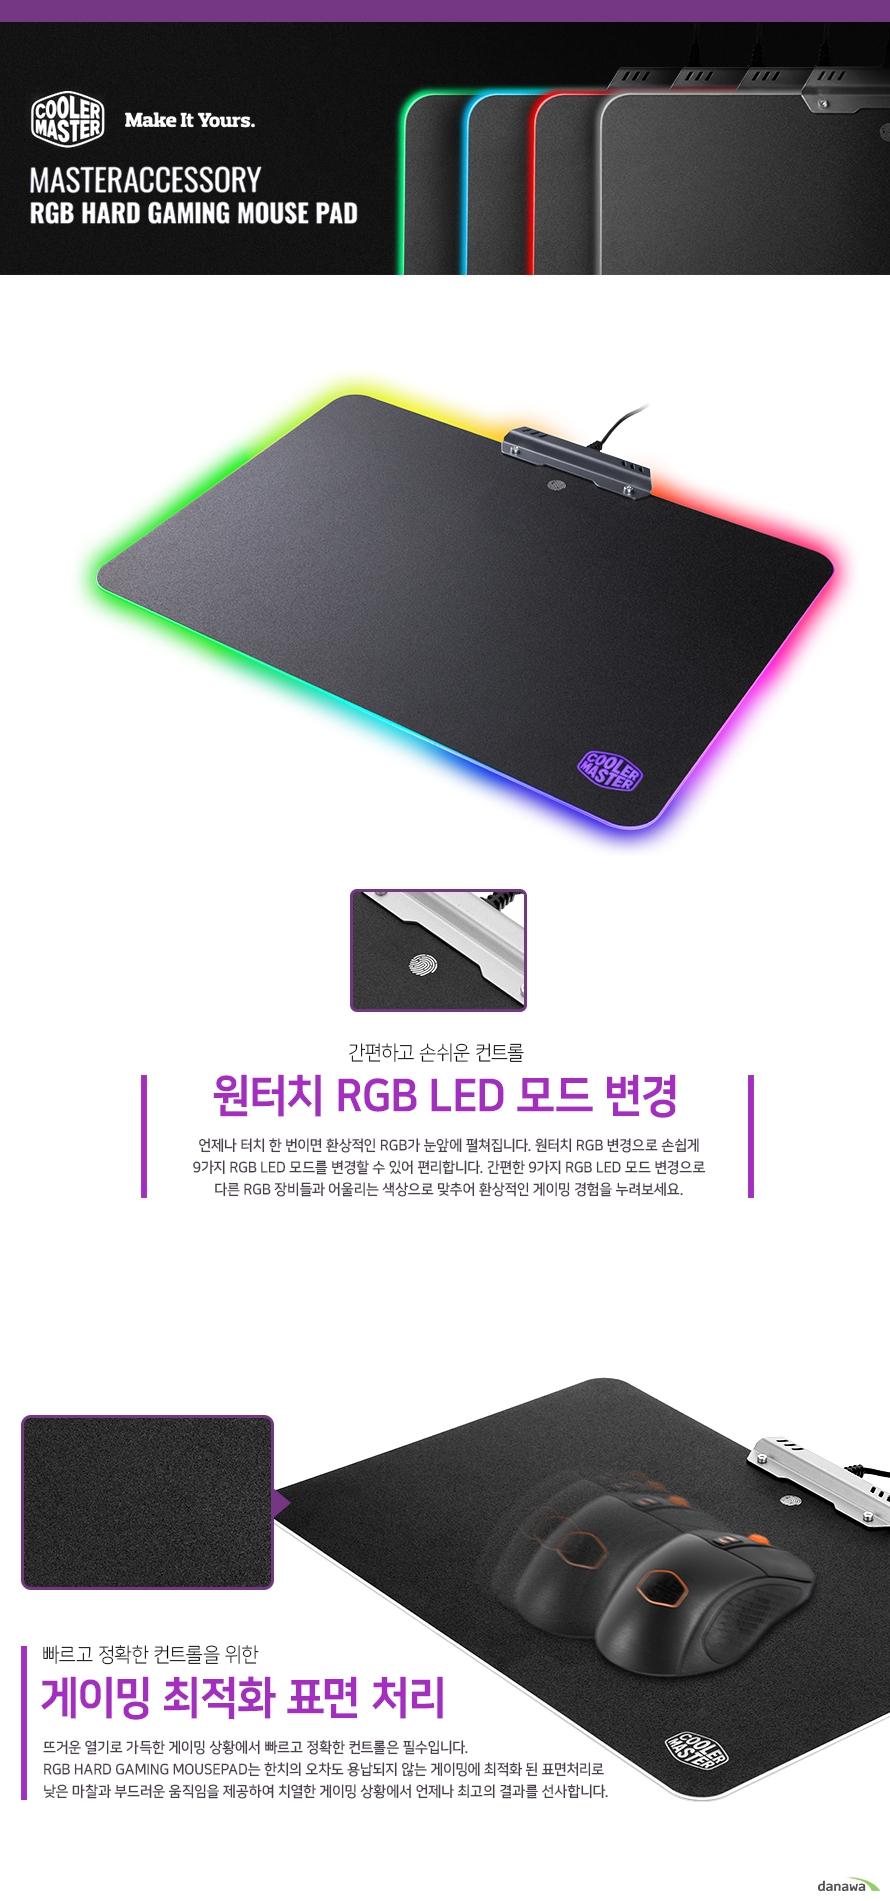 간편하고 손쉬운 컨트롤    원터치 RGB LED 모드 변경        언제나 터치 한 번이면 환상적인 RGB가 눈앞에 펼쳐집니다.    원터치 RGB변경으로 손쉽게 9가지 RGB LED 모드를 변경할 수 있어 편리합니다.    간편한 9가지 RGB LED모드 변경으로 다른 RGB 장비들과 어울리는 색상으로 맞추어    환상적인 게이밍 경험을 누려보세요.      빠르고 정확한 컨트롤을 위한    게이밍 최적화 표면 처리        뜨거운 열기로 가득한 게이밍 상황에서 빠르고 정확한 컨트롤은 필수입니다.    RGB 하드 게이밍 마우스패드는 한치의 오차도 용납되지 않는 게이밍에 최적화 된 표면처리로    낮은 마찰과 부드러운 움직임을 제공하여 치열한 게이밍 상황에서 언제나 최고의 결과를 선사합니다.        .